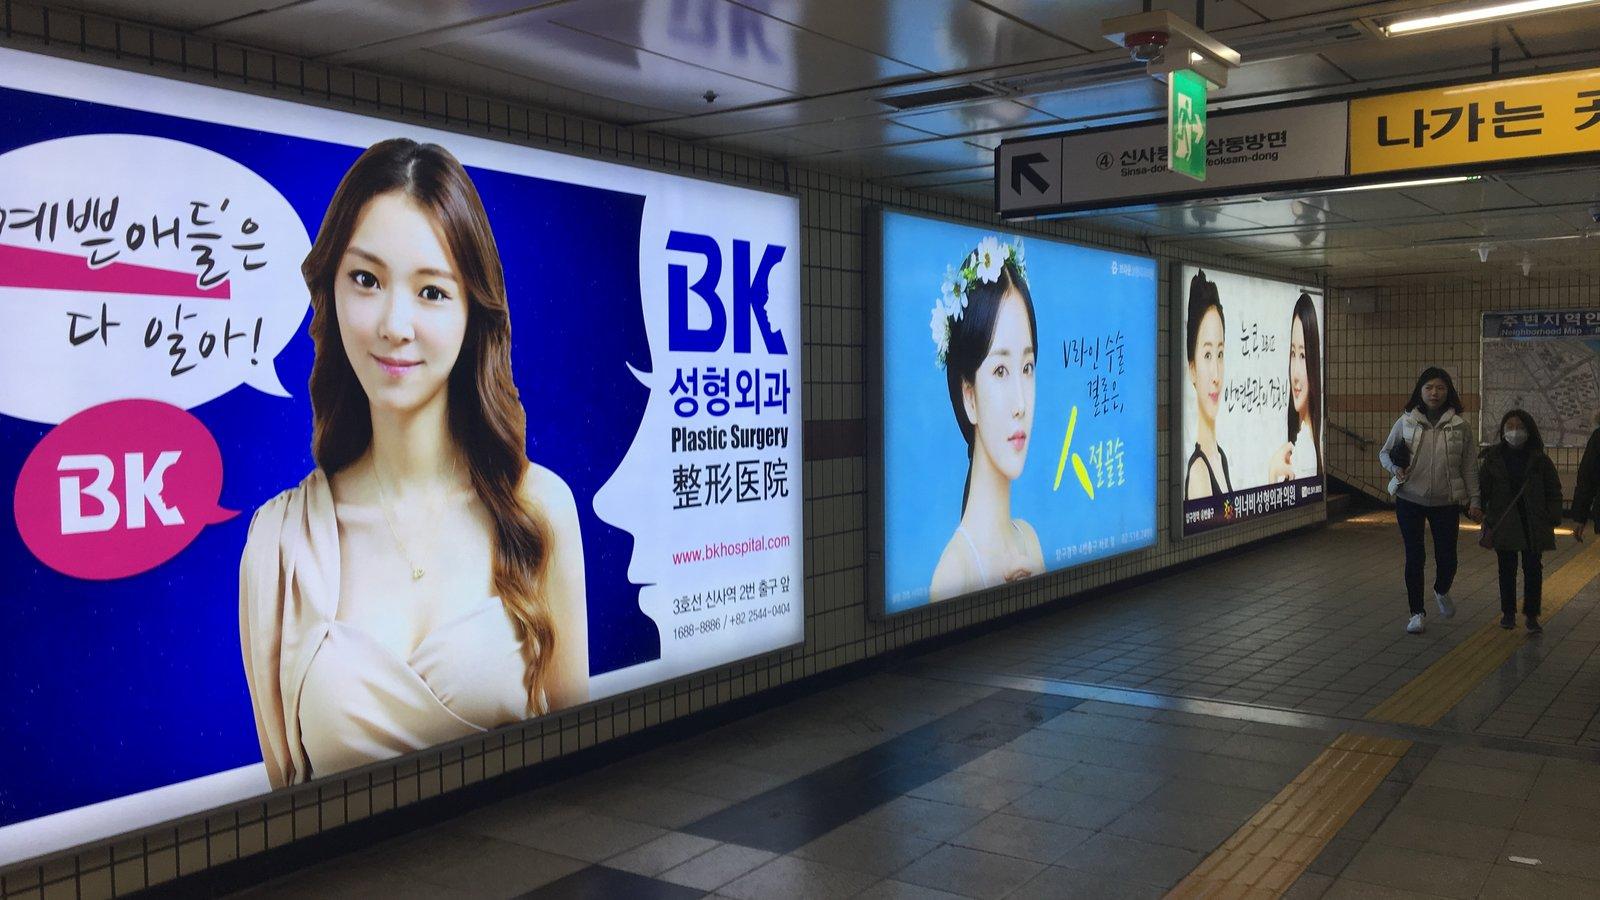 Južná Kórea časť 2. - Kórejské ženy posadnuté krásou? Ako to naozaj je?